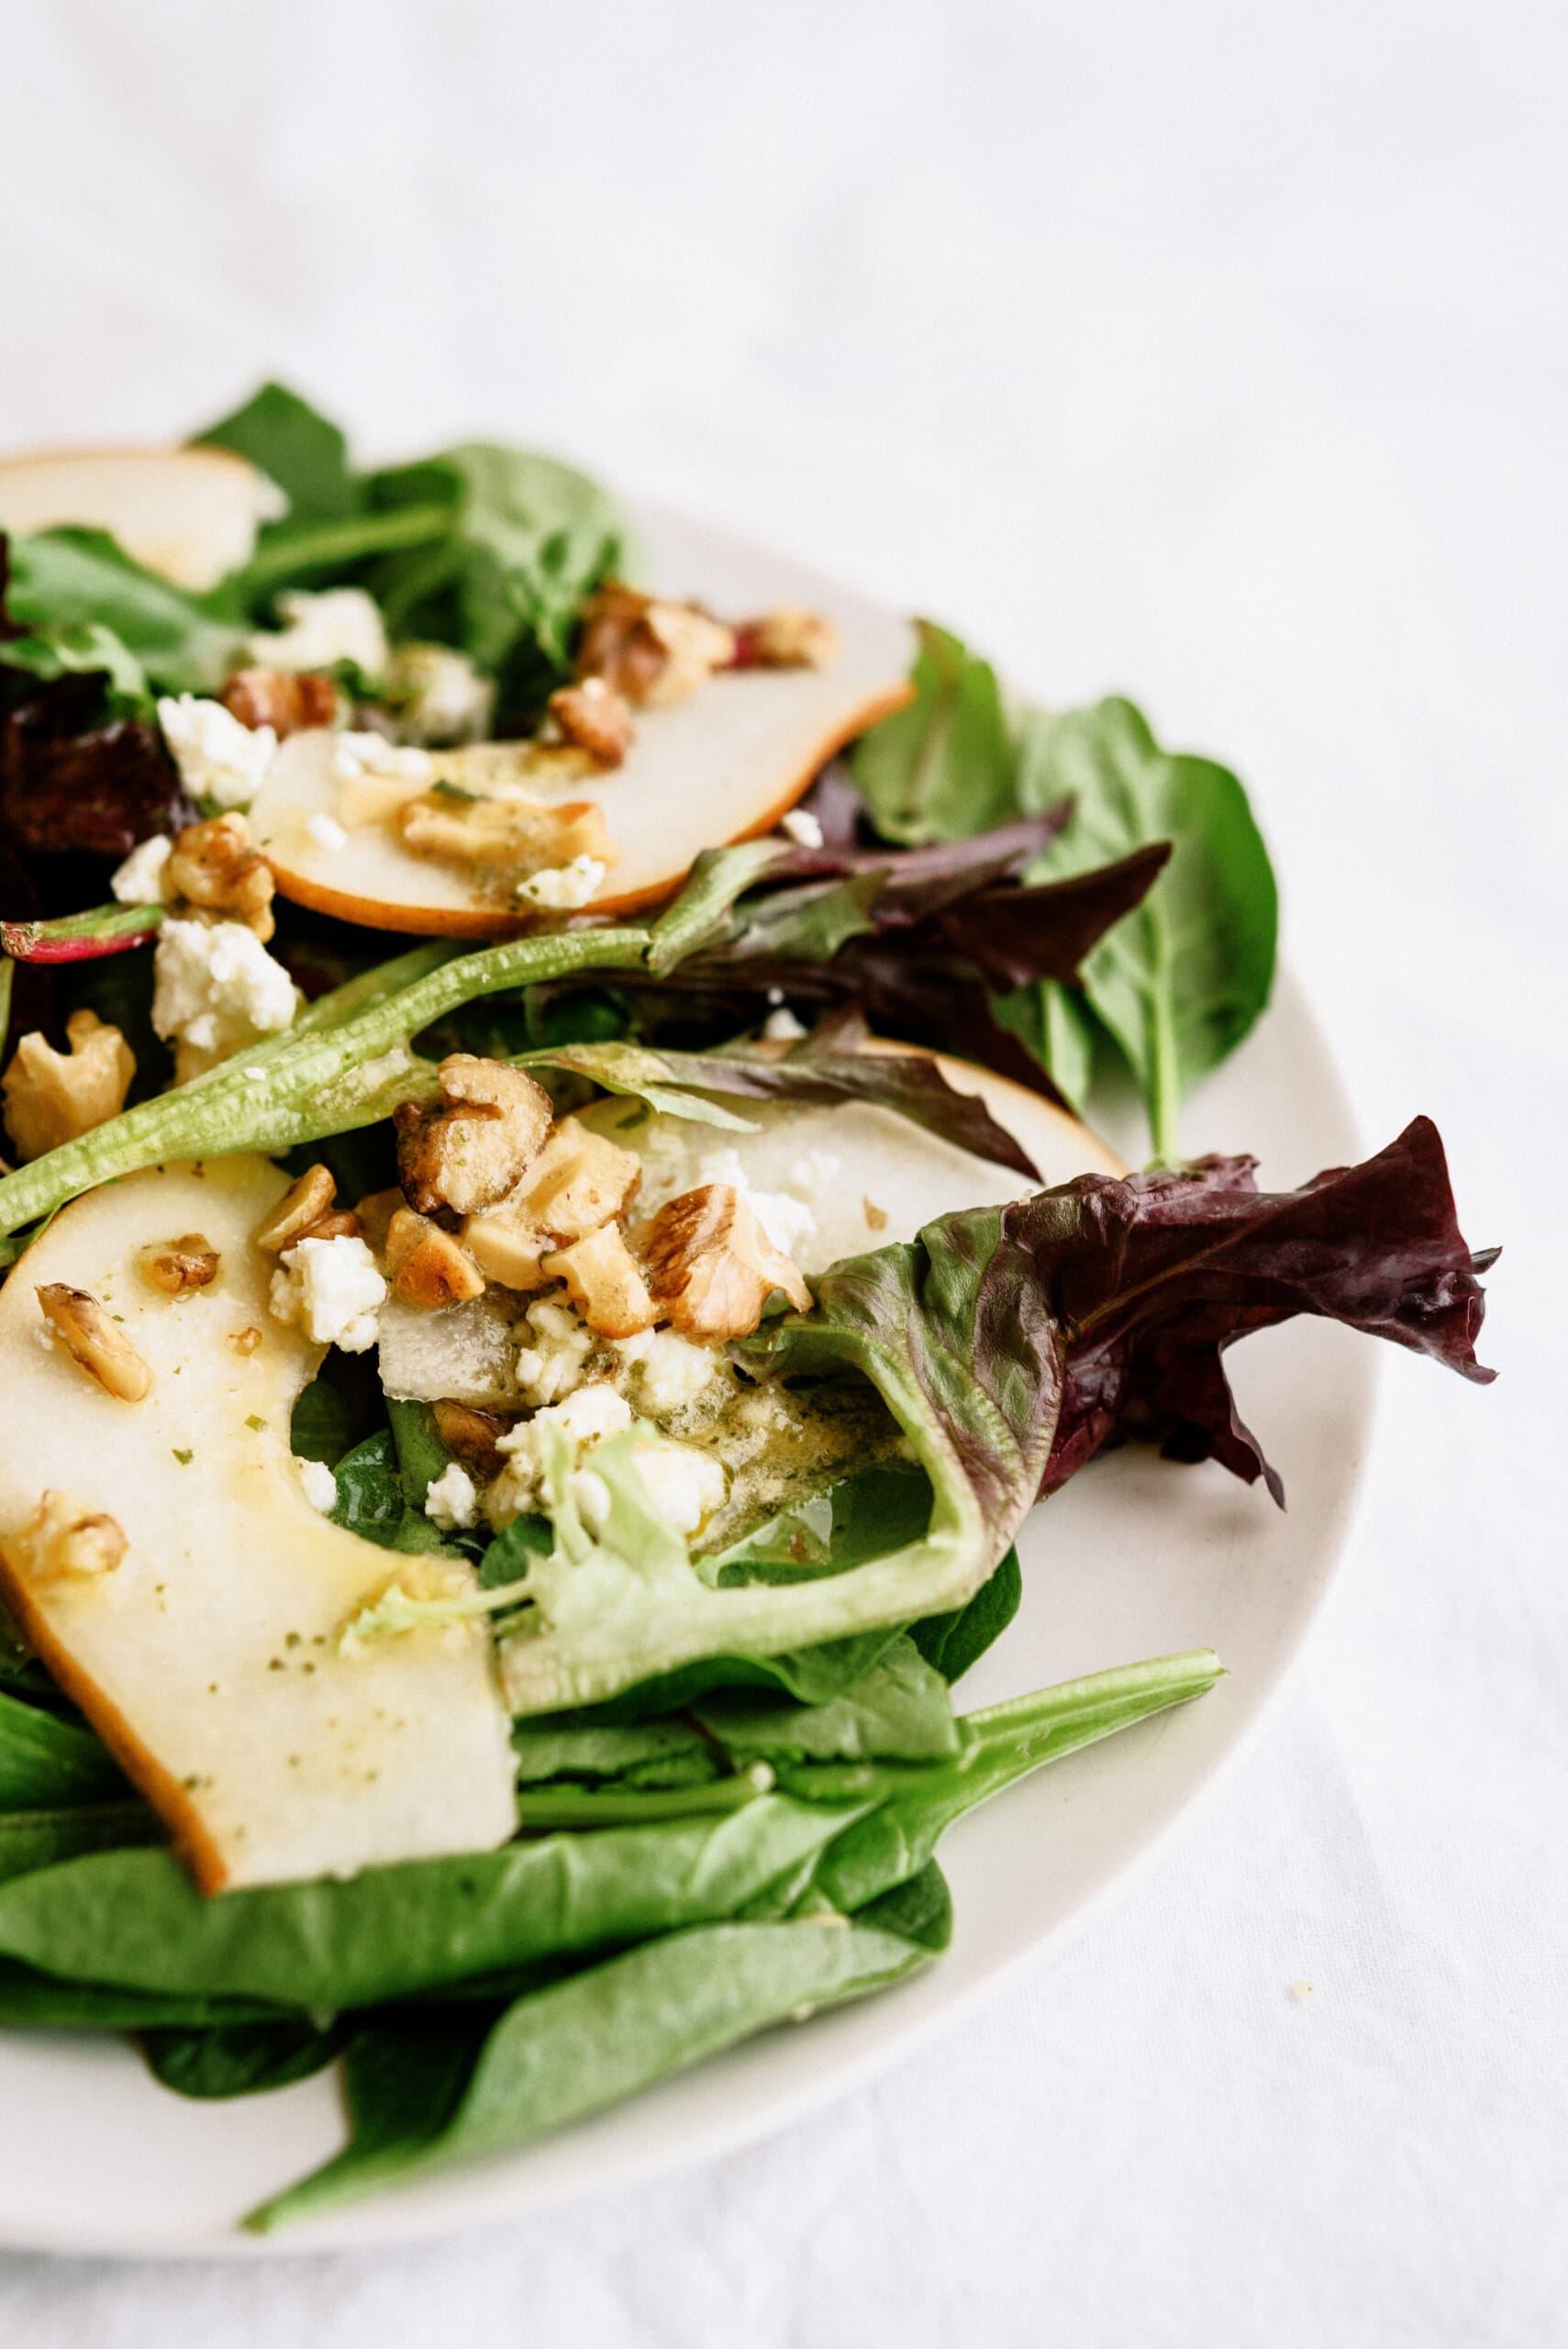 pear salad on plate